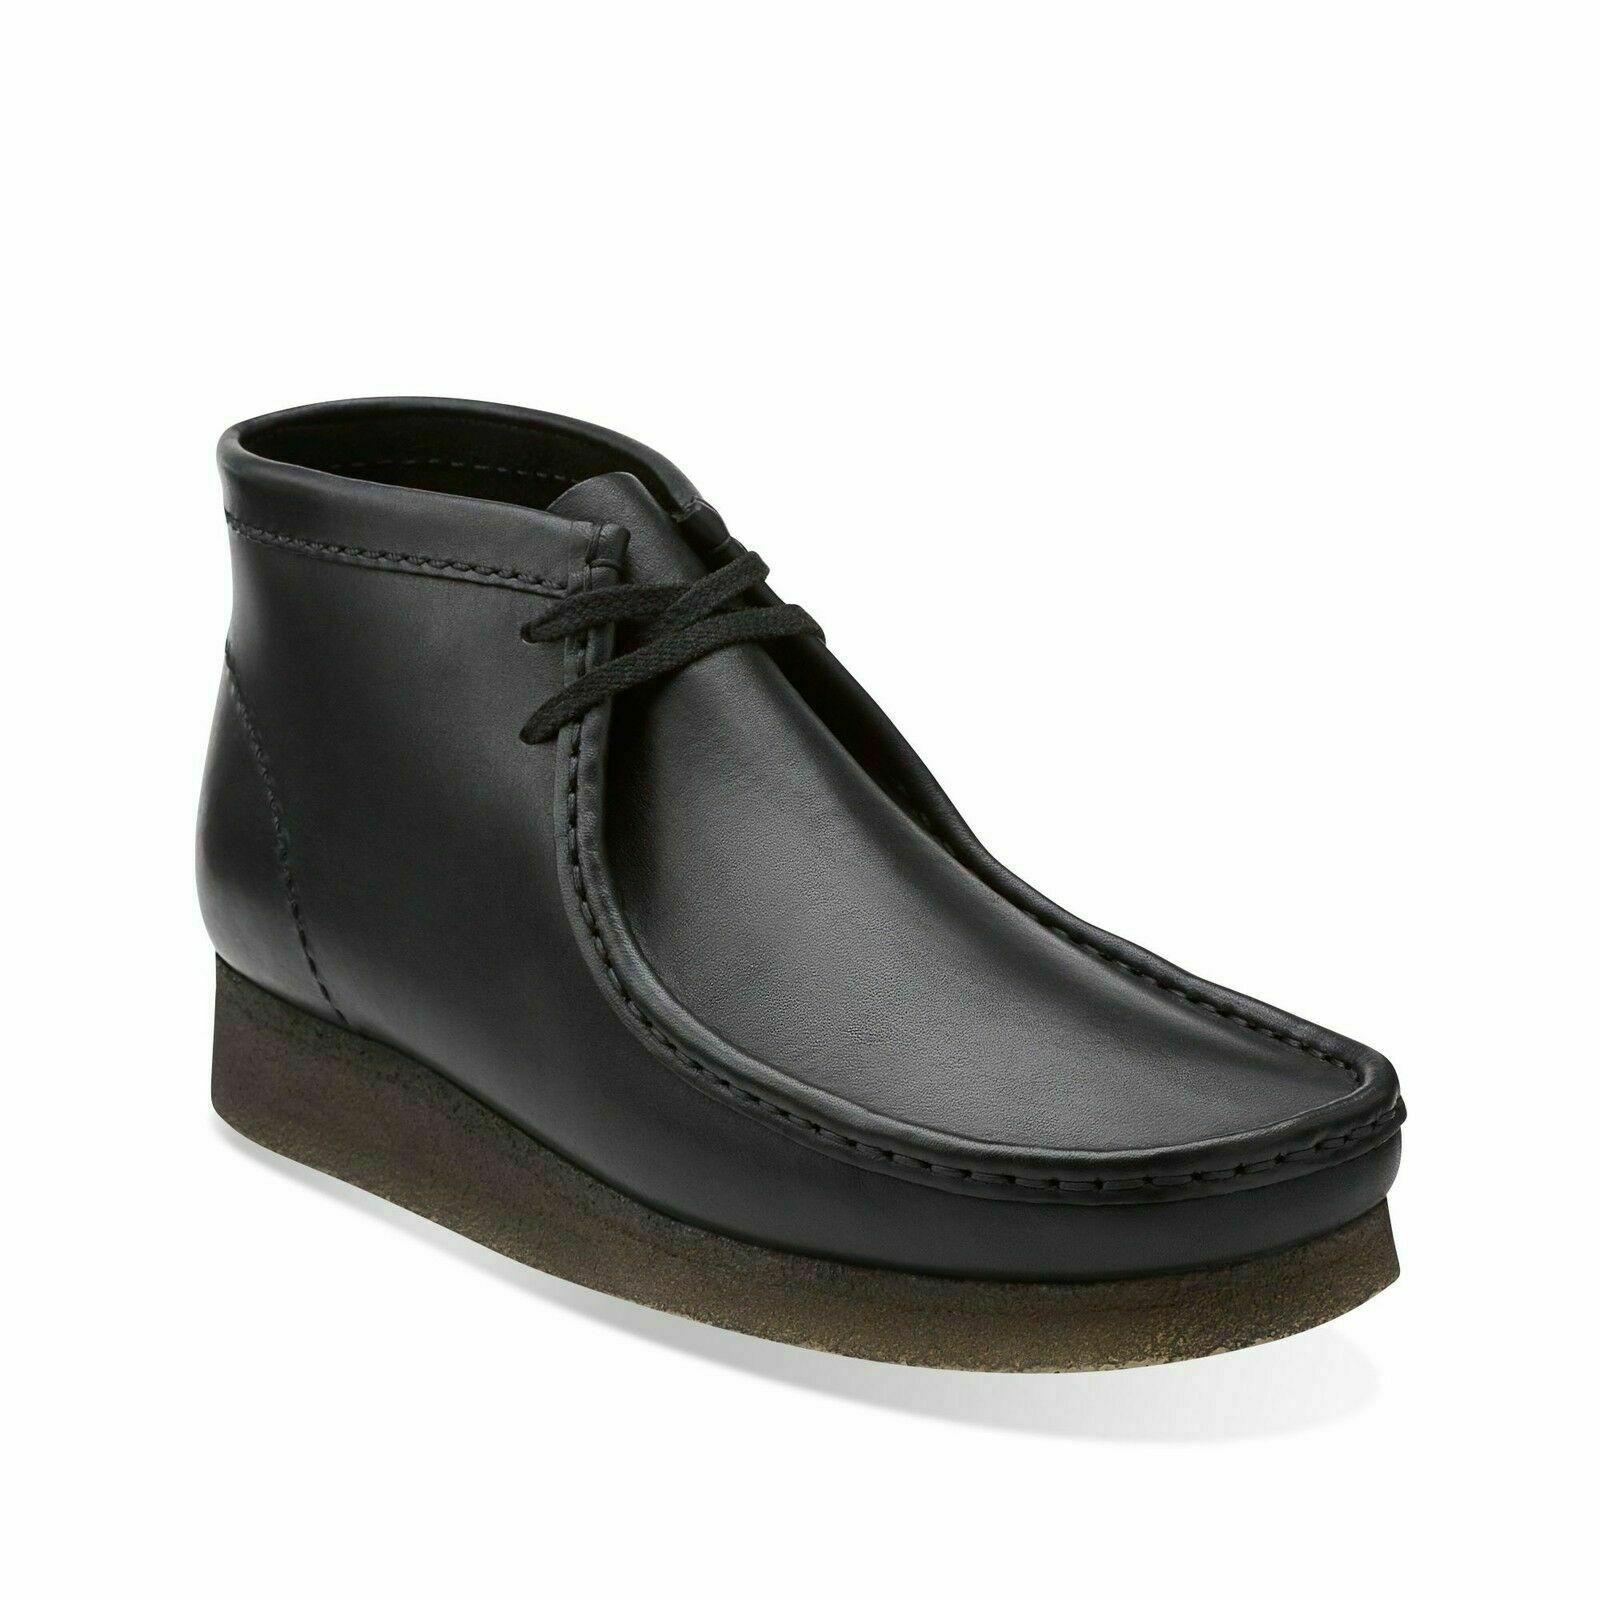 Clarks Originals Men's Wallabee Boot Black Leather 26103666